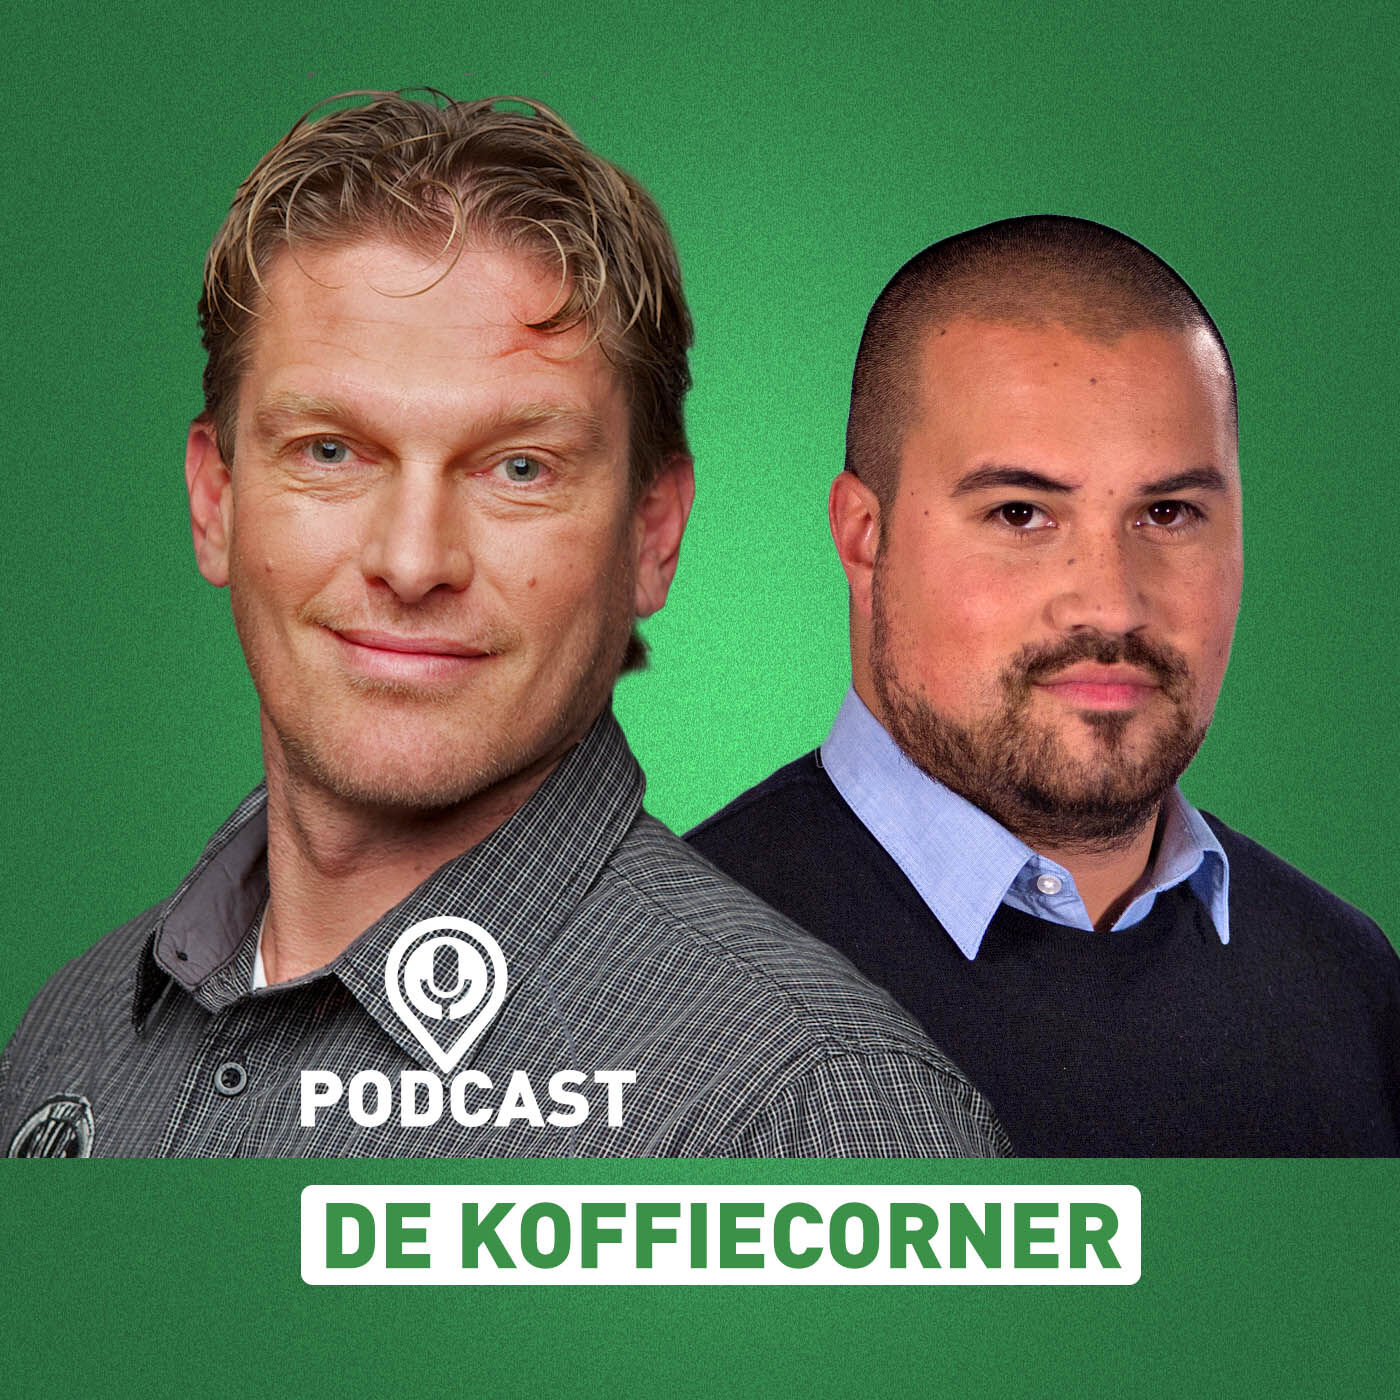 De Koffiecorner #12: (Spoiler alert) Henk Elderman verklapt winnaars Groninger Sportgala